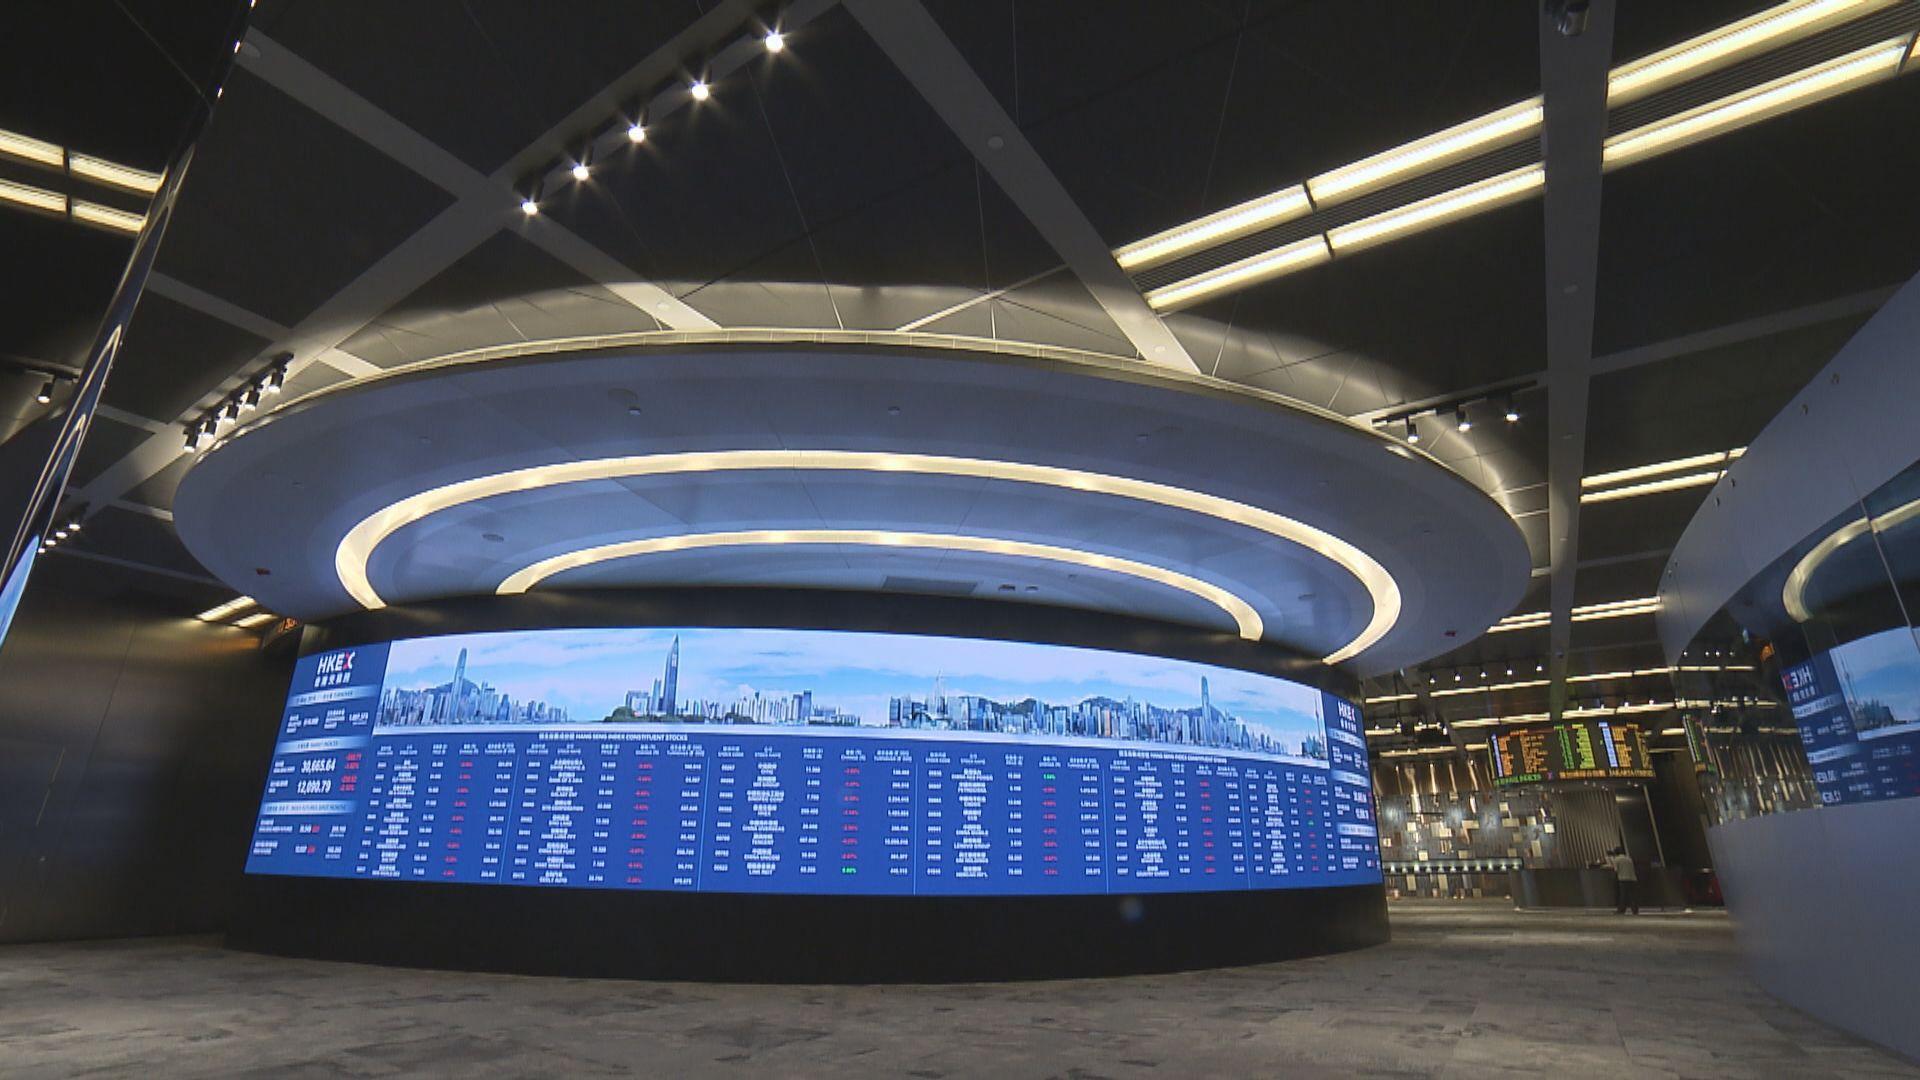 【曾失百天線】恒指跌162點 香港電視升26%